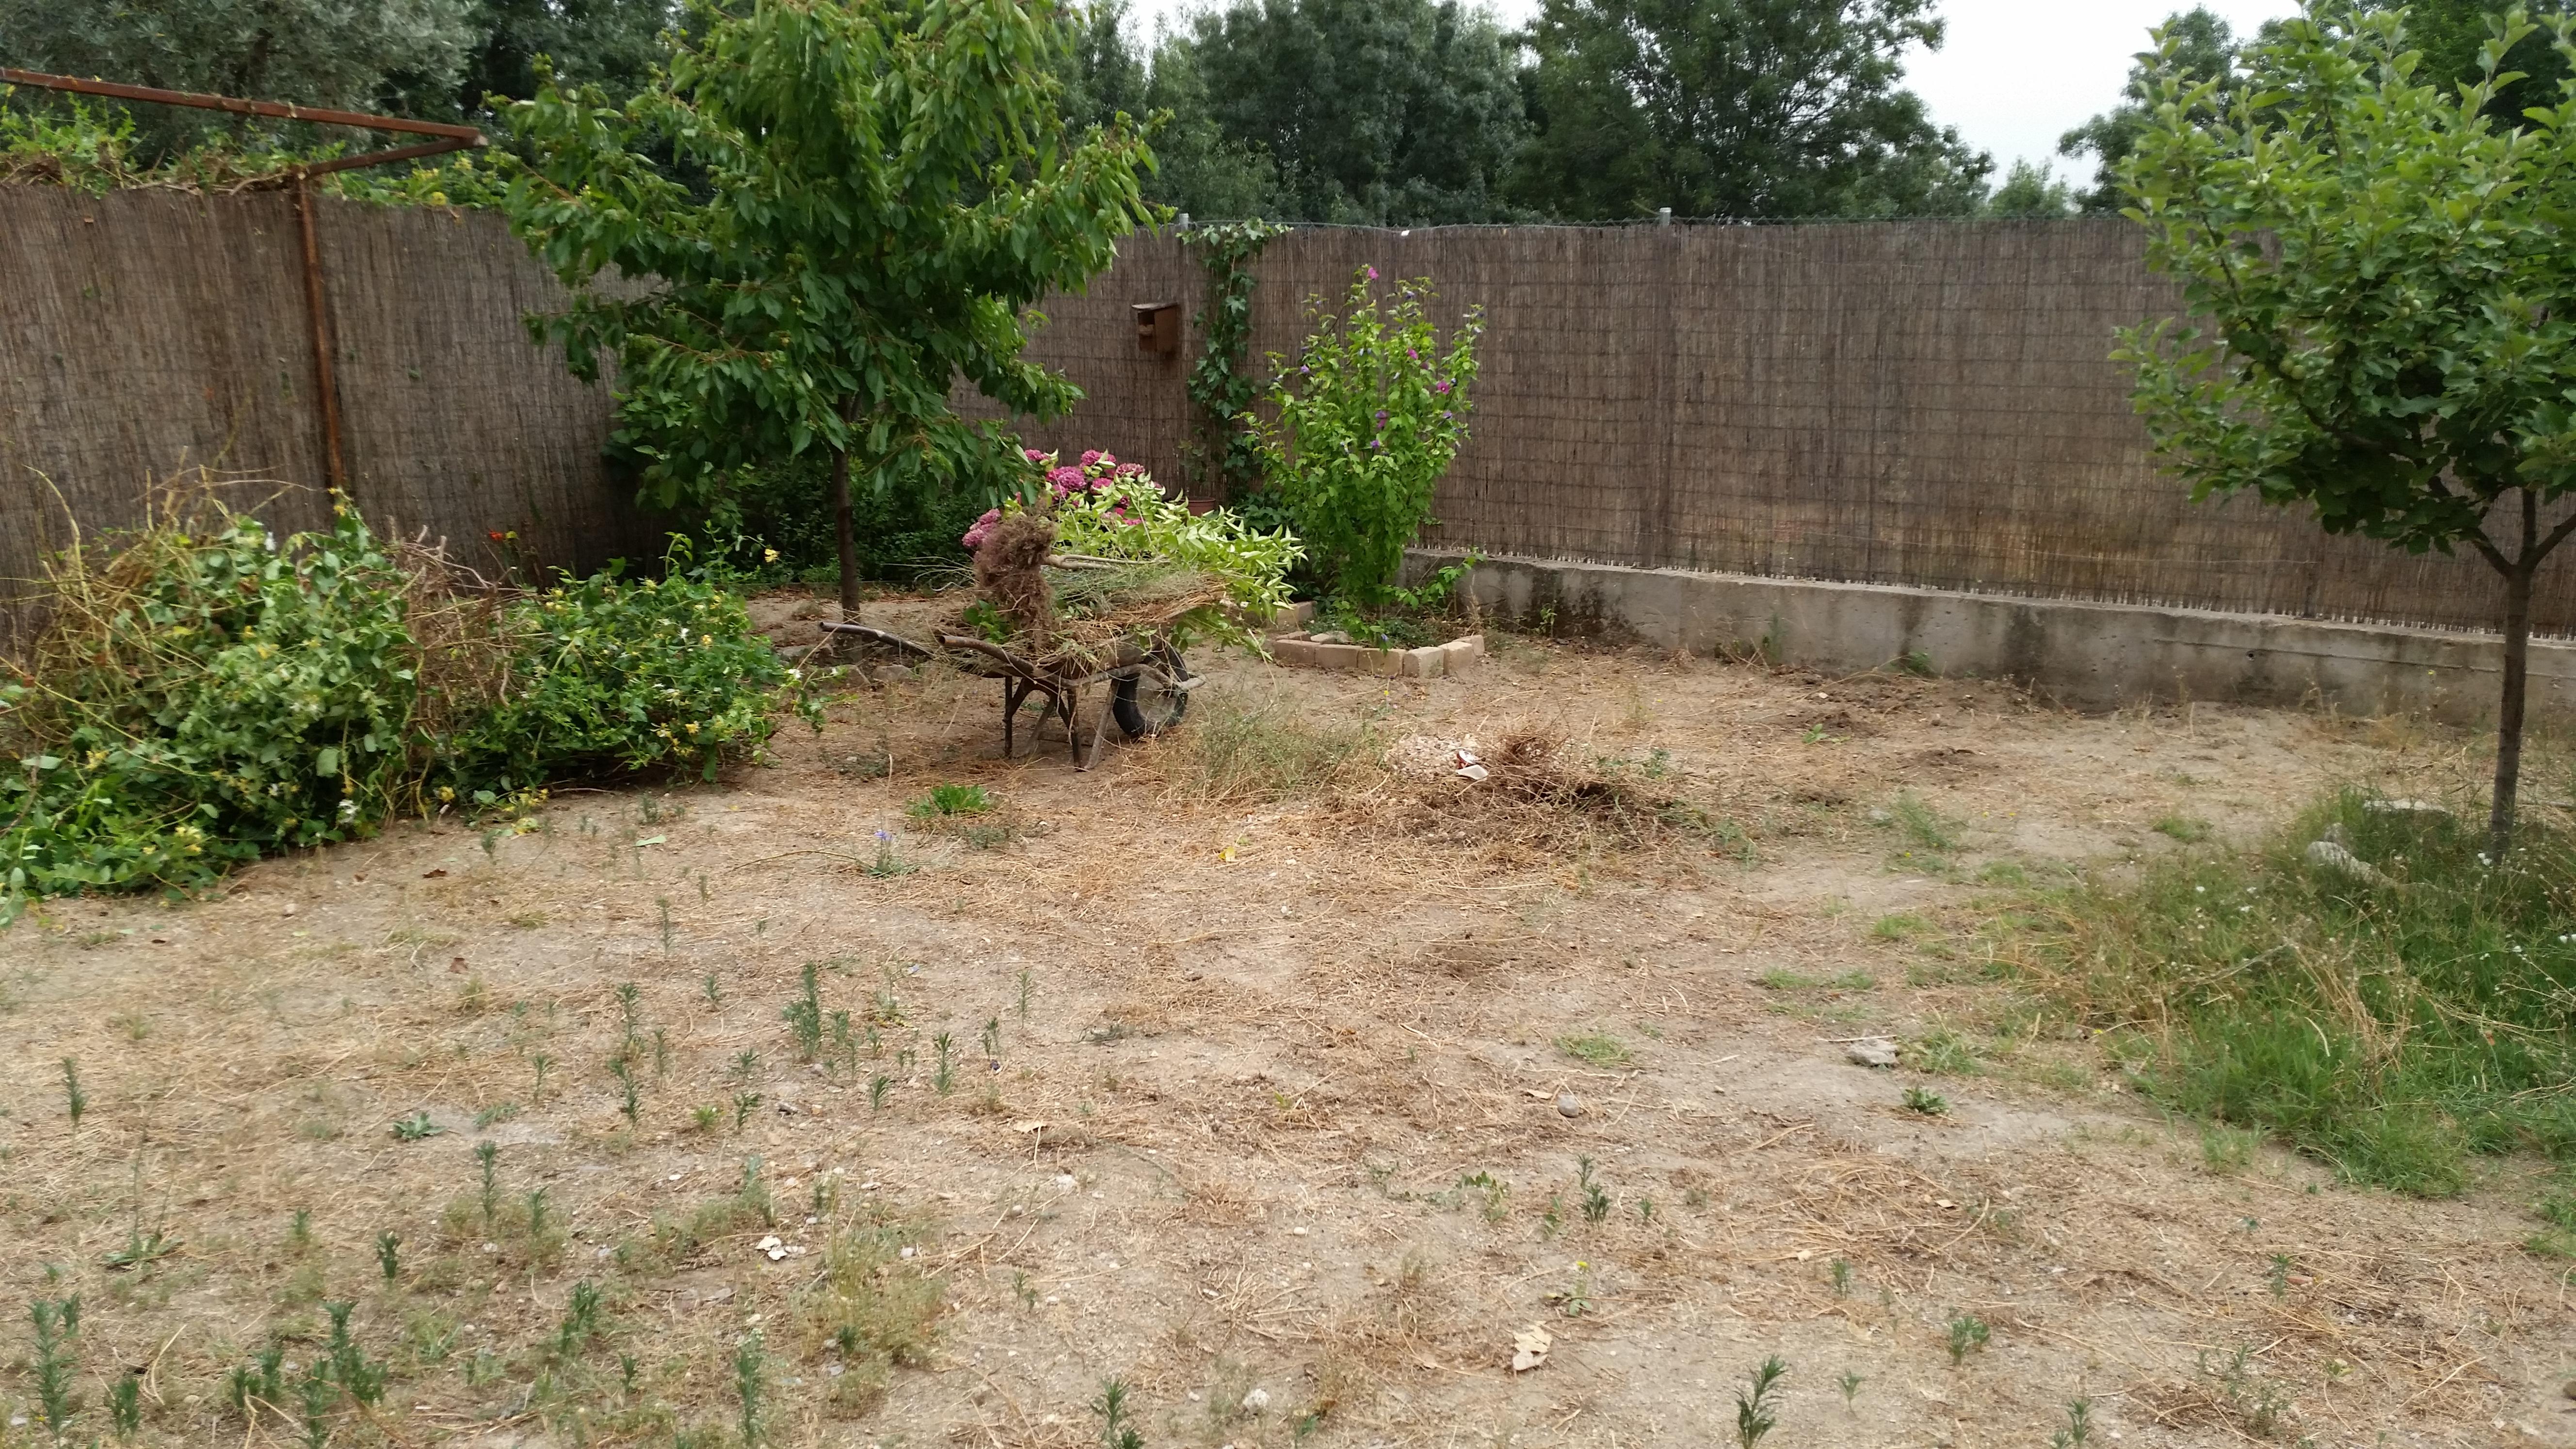 Jard n de bajo mantenimiento en fresnedillas de la oliva for Jardines de bajo mantenimiento